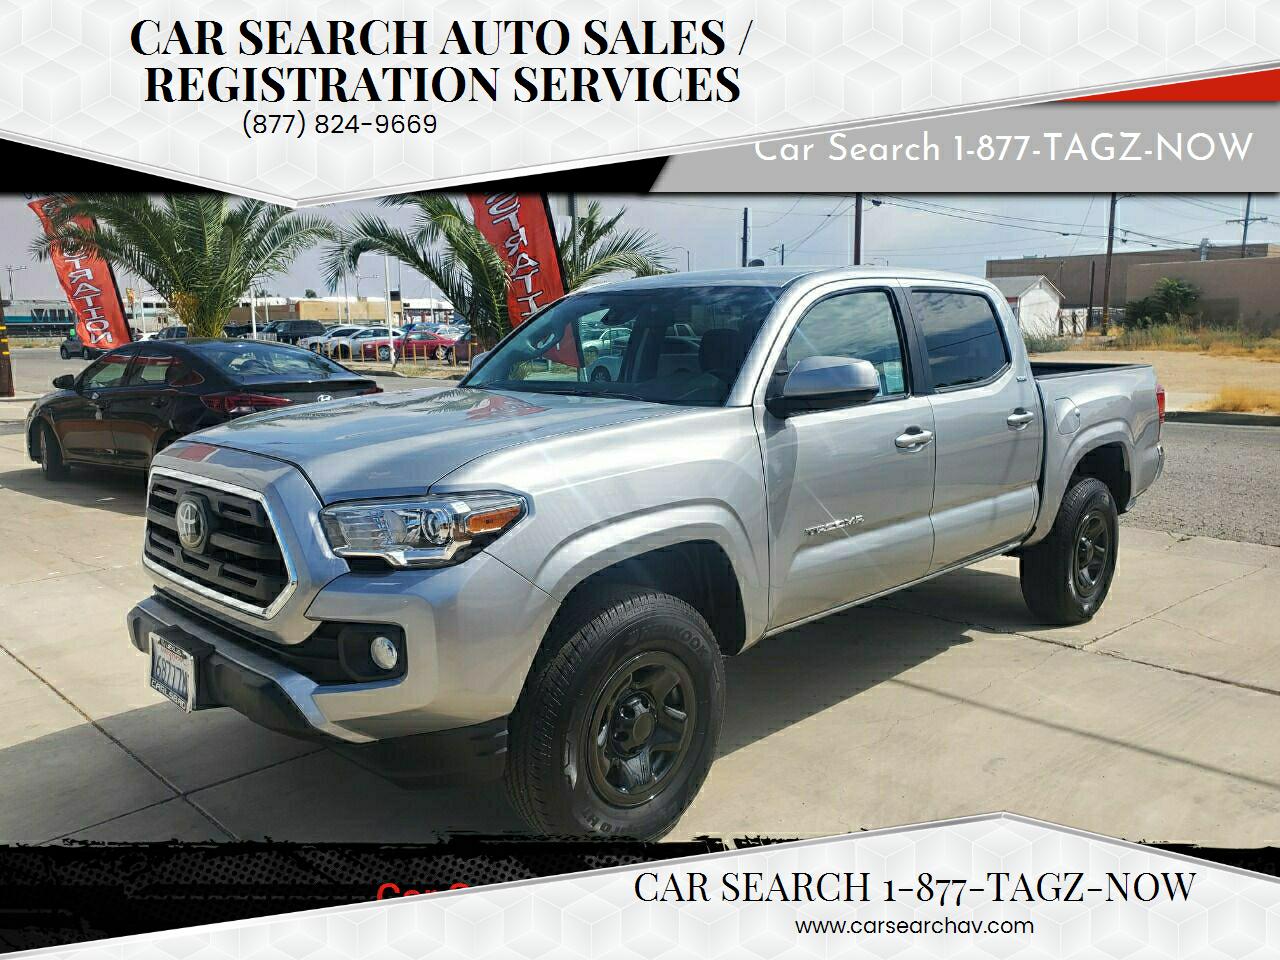 used pickup trucks for sale in lancaster ca carsforsale com used pickup trucks for sale in